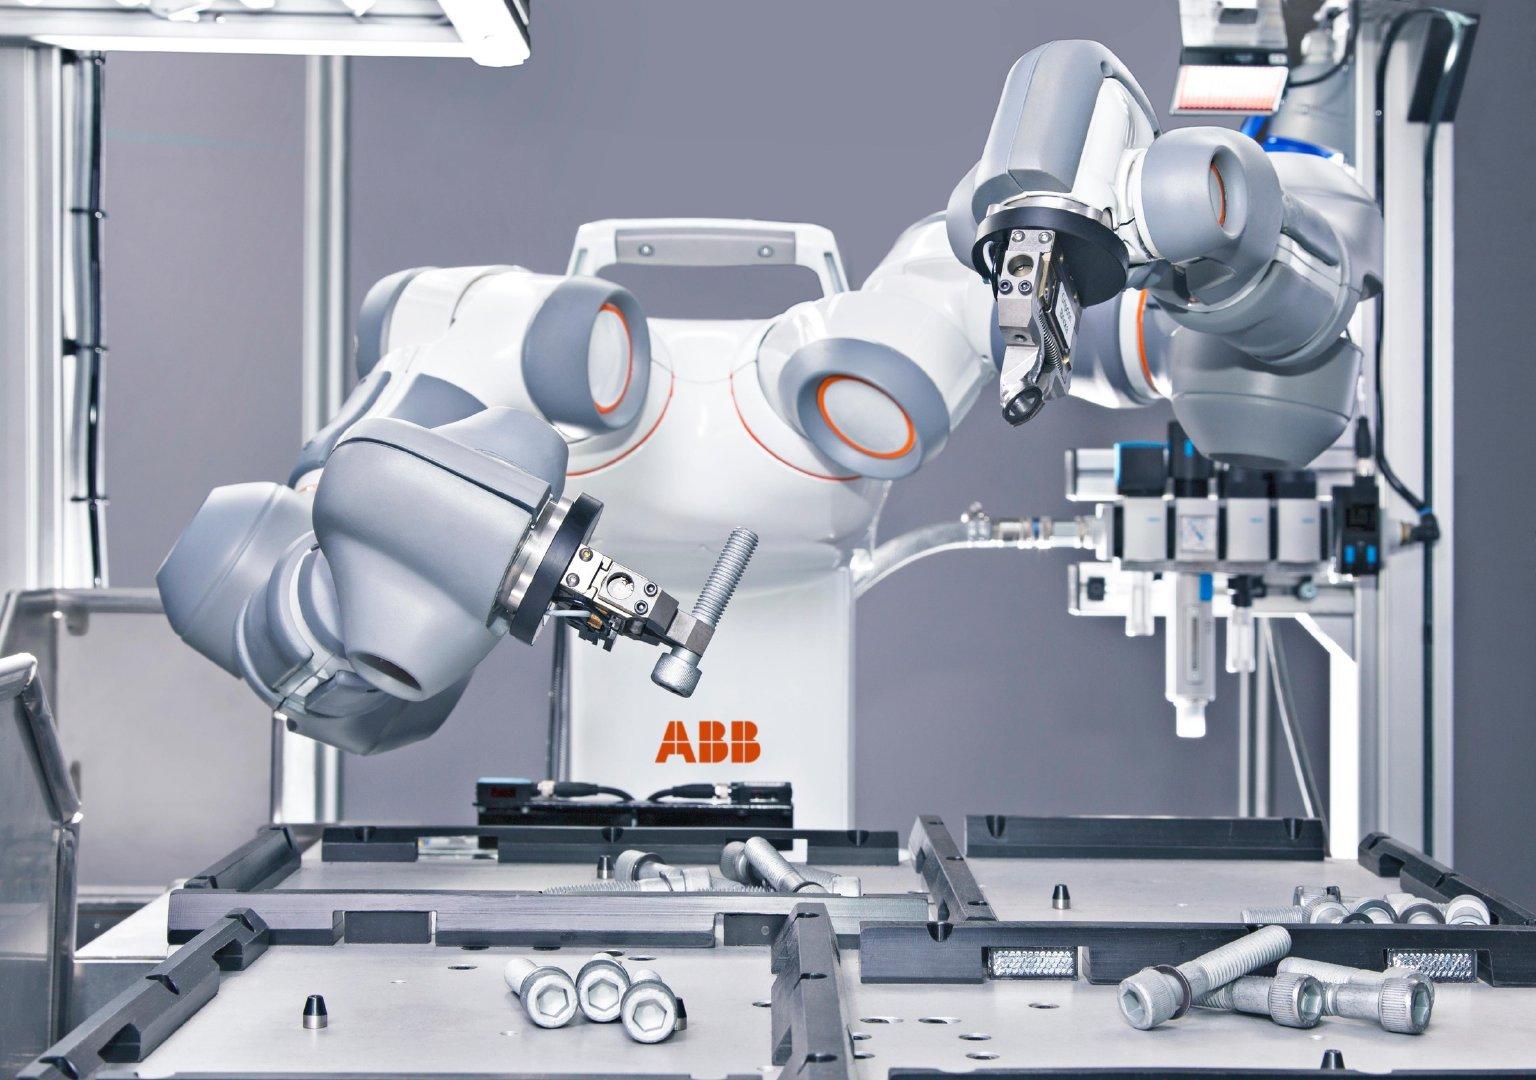 ABB工业机器人相关资料分享